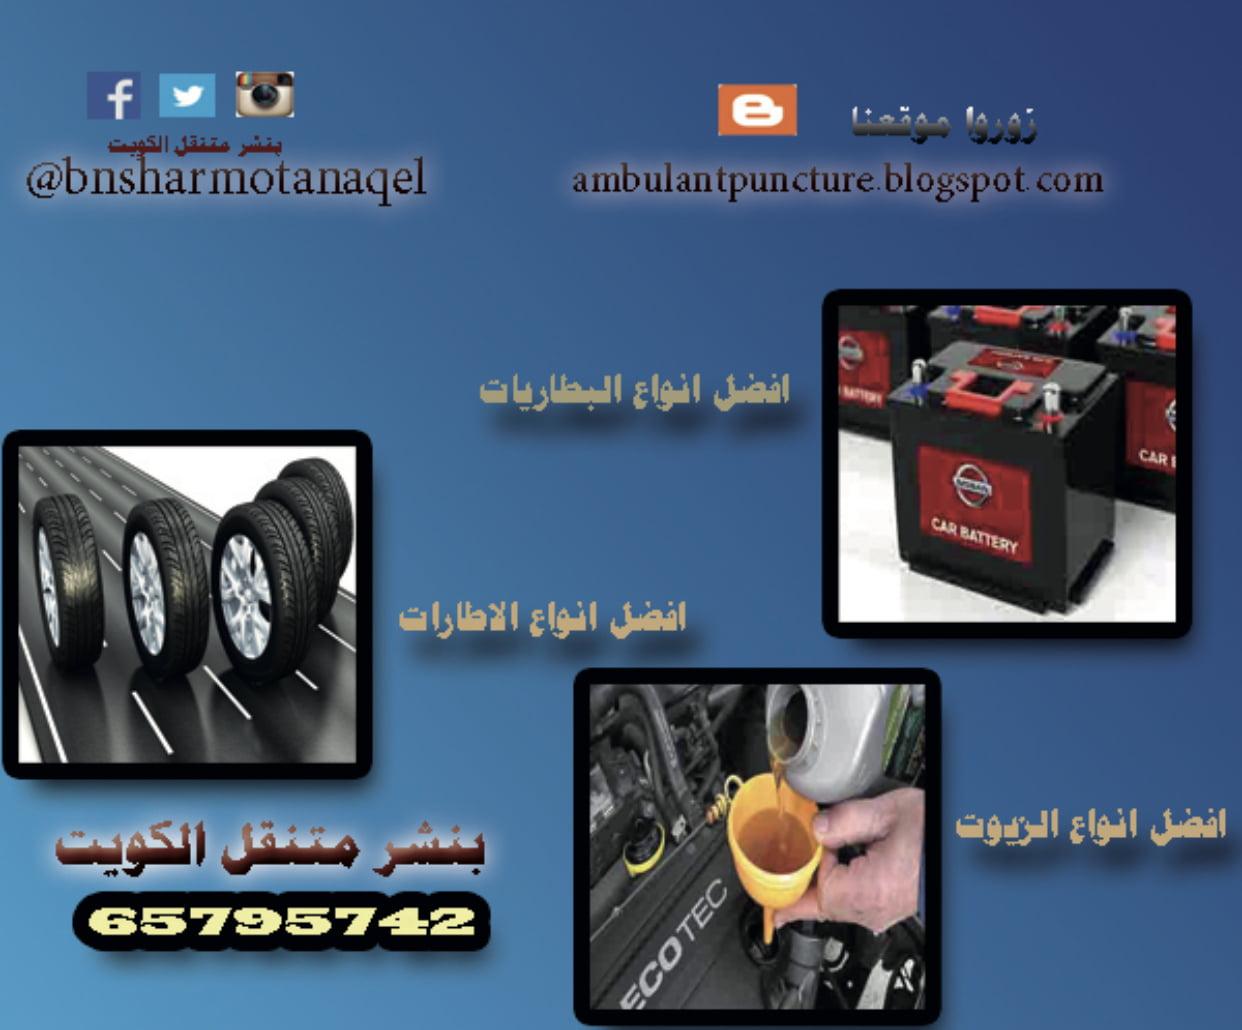 61009961 46A2 4FB6 B4FF A551E255E420